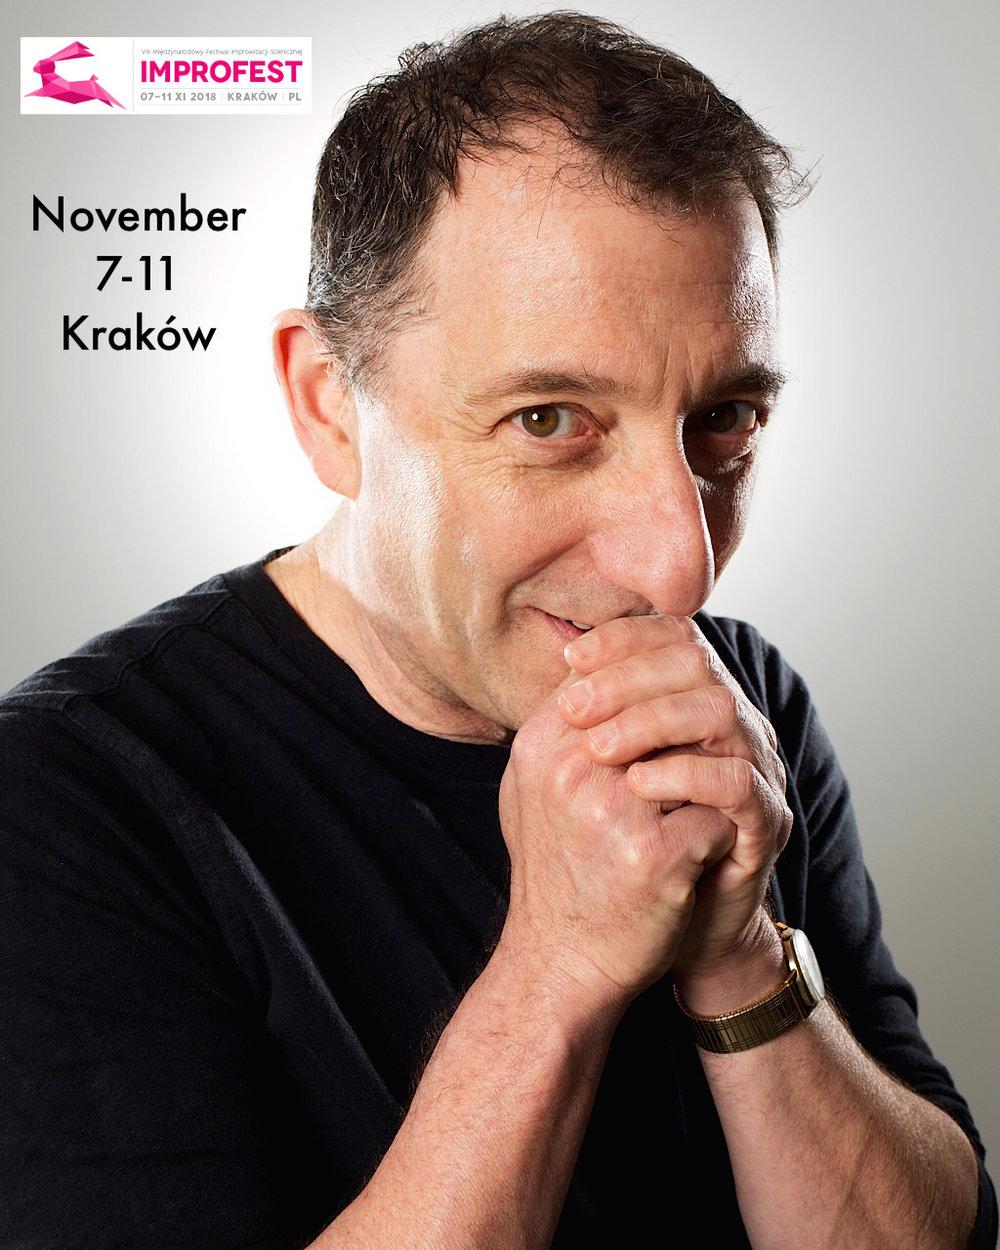 krakow promo.jpg